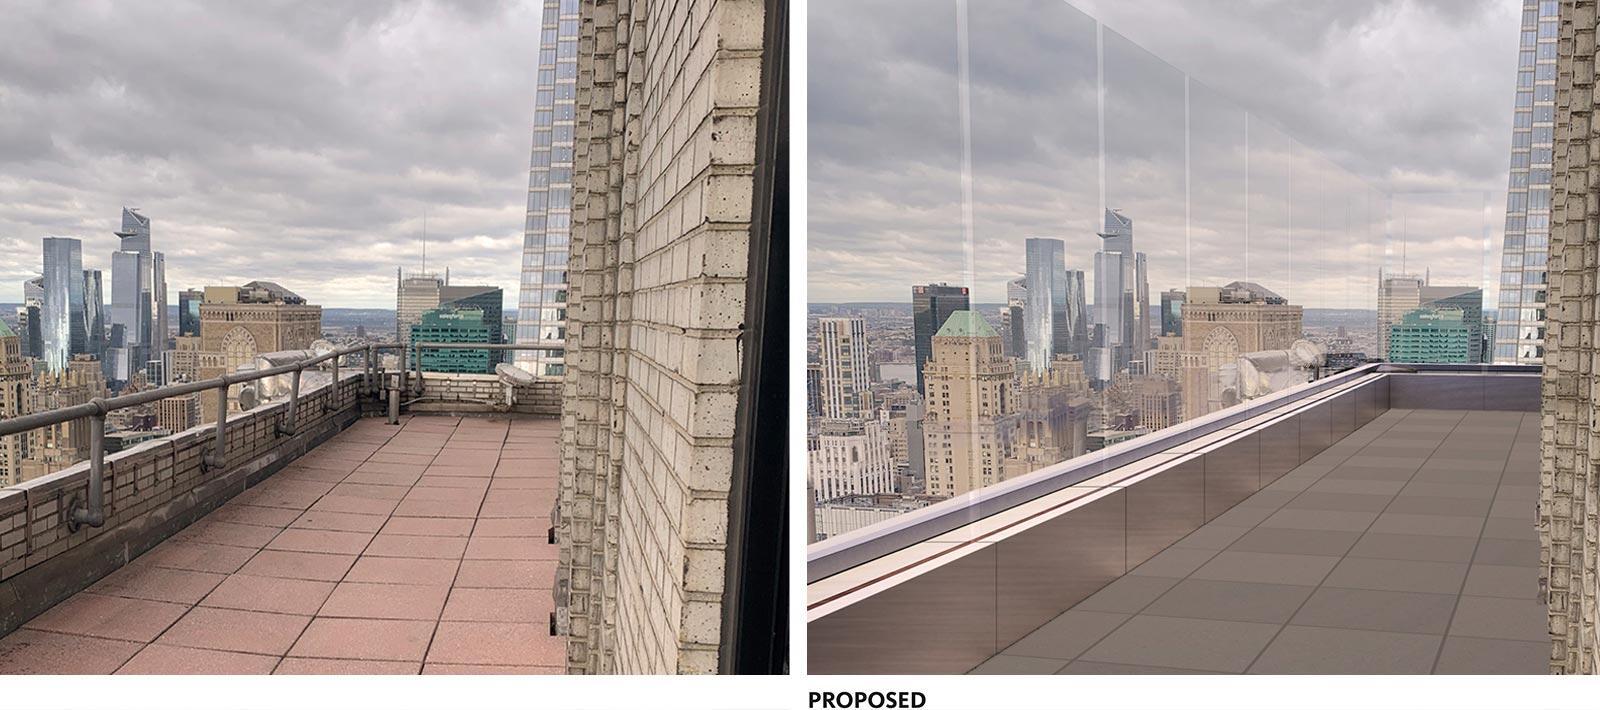 Plataforma de observación del edificio Chrysler antes después